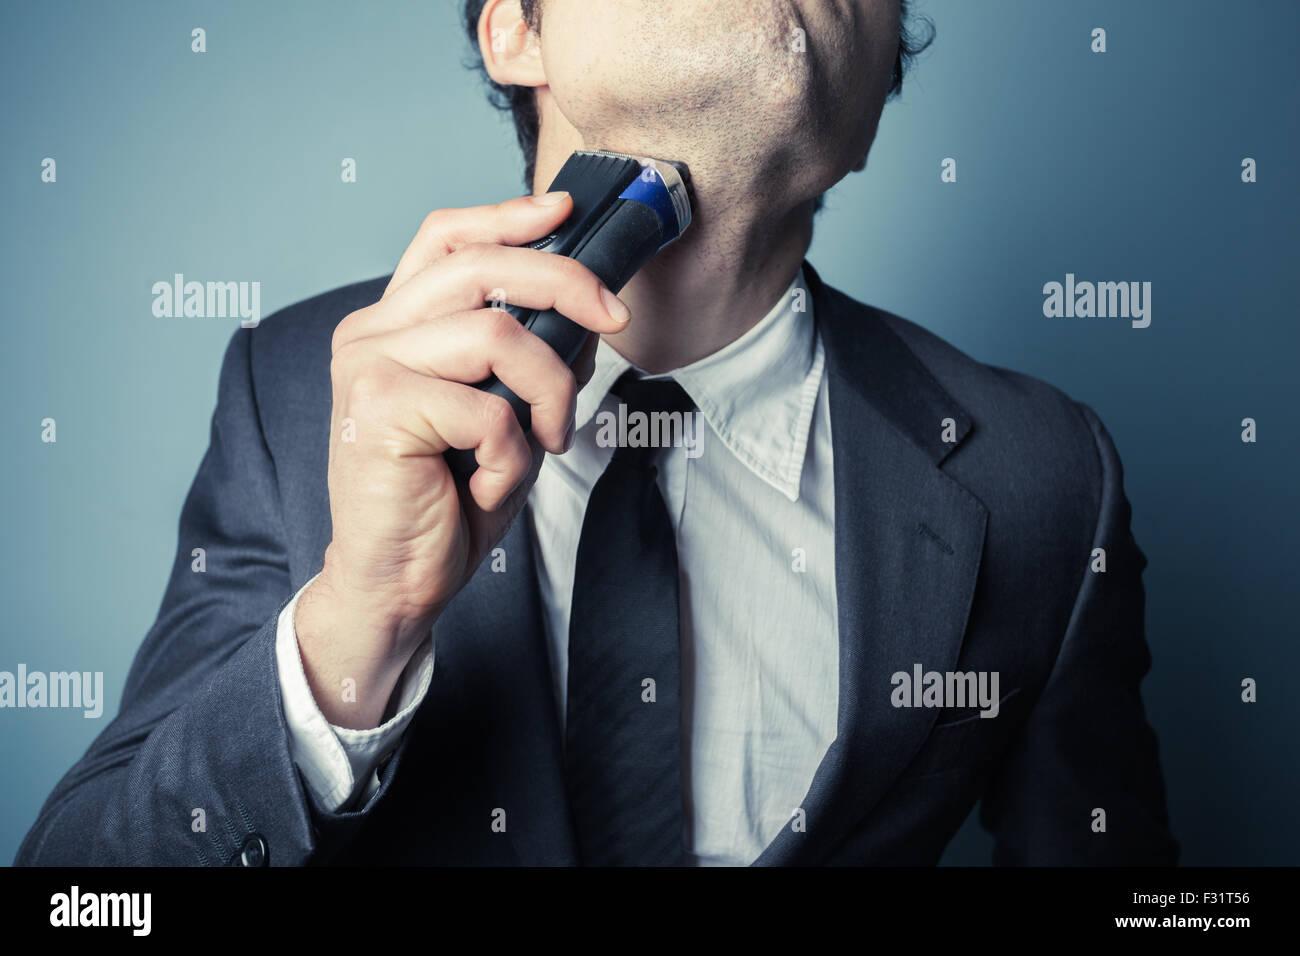 Un joven empresario es afeitarse con una maquinilla eléctrica Imagen De Stock